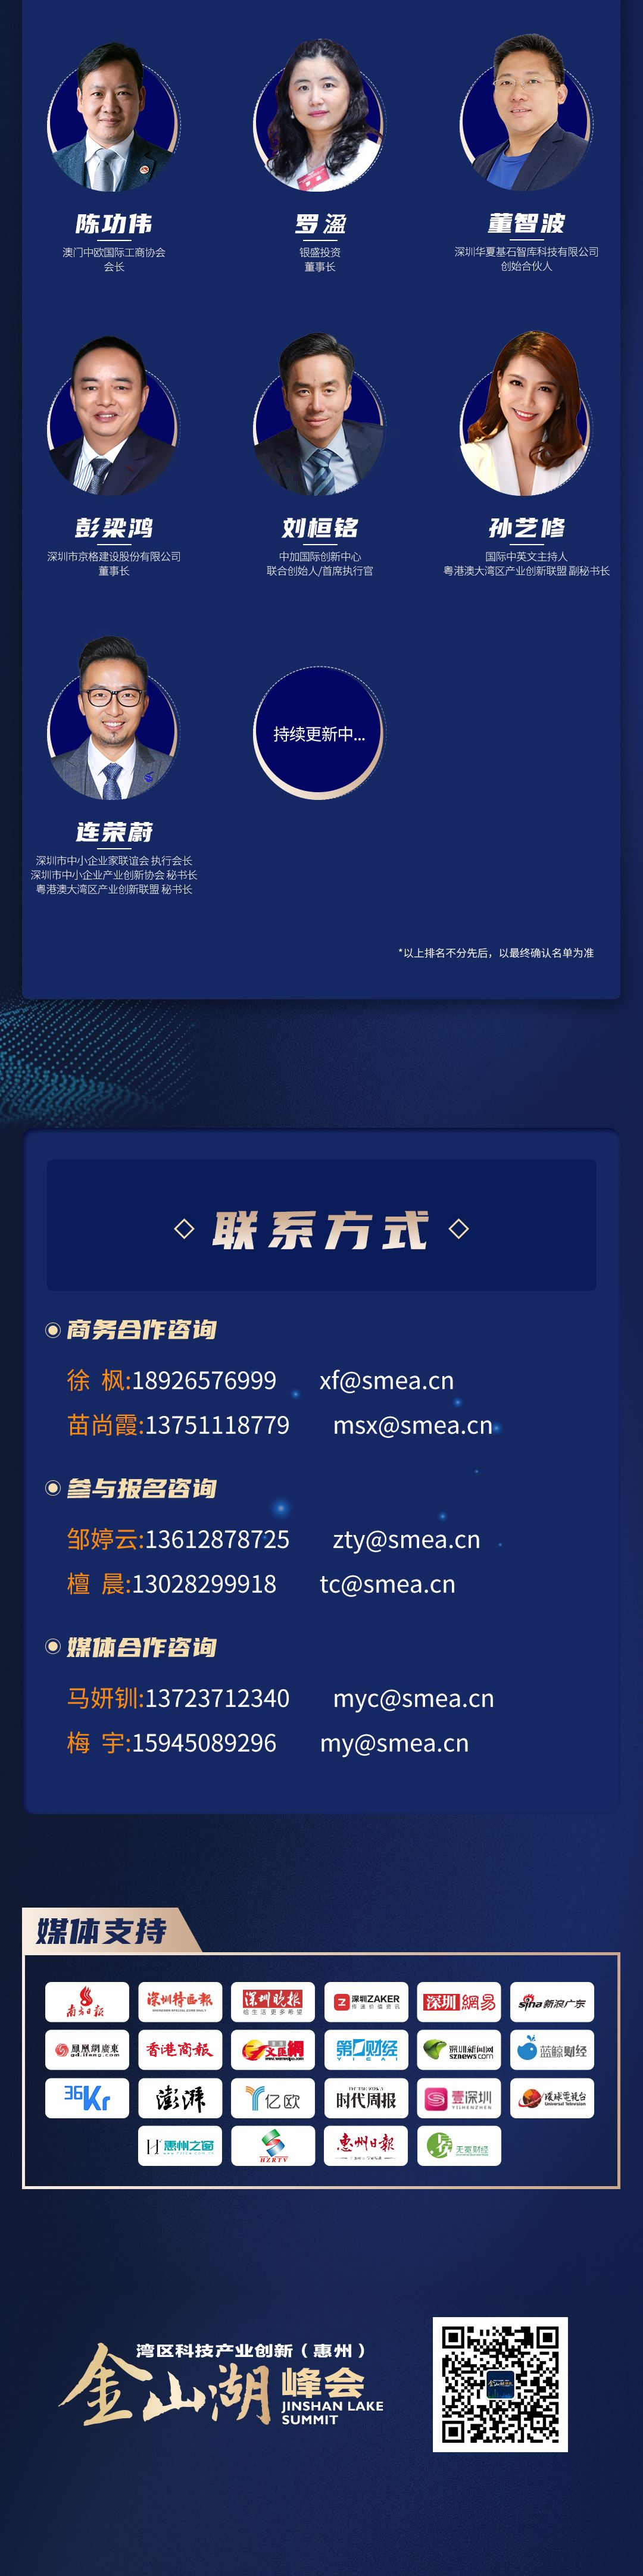 微信图片_202105141143405.jpg